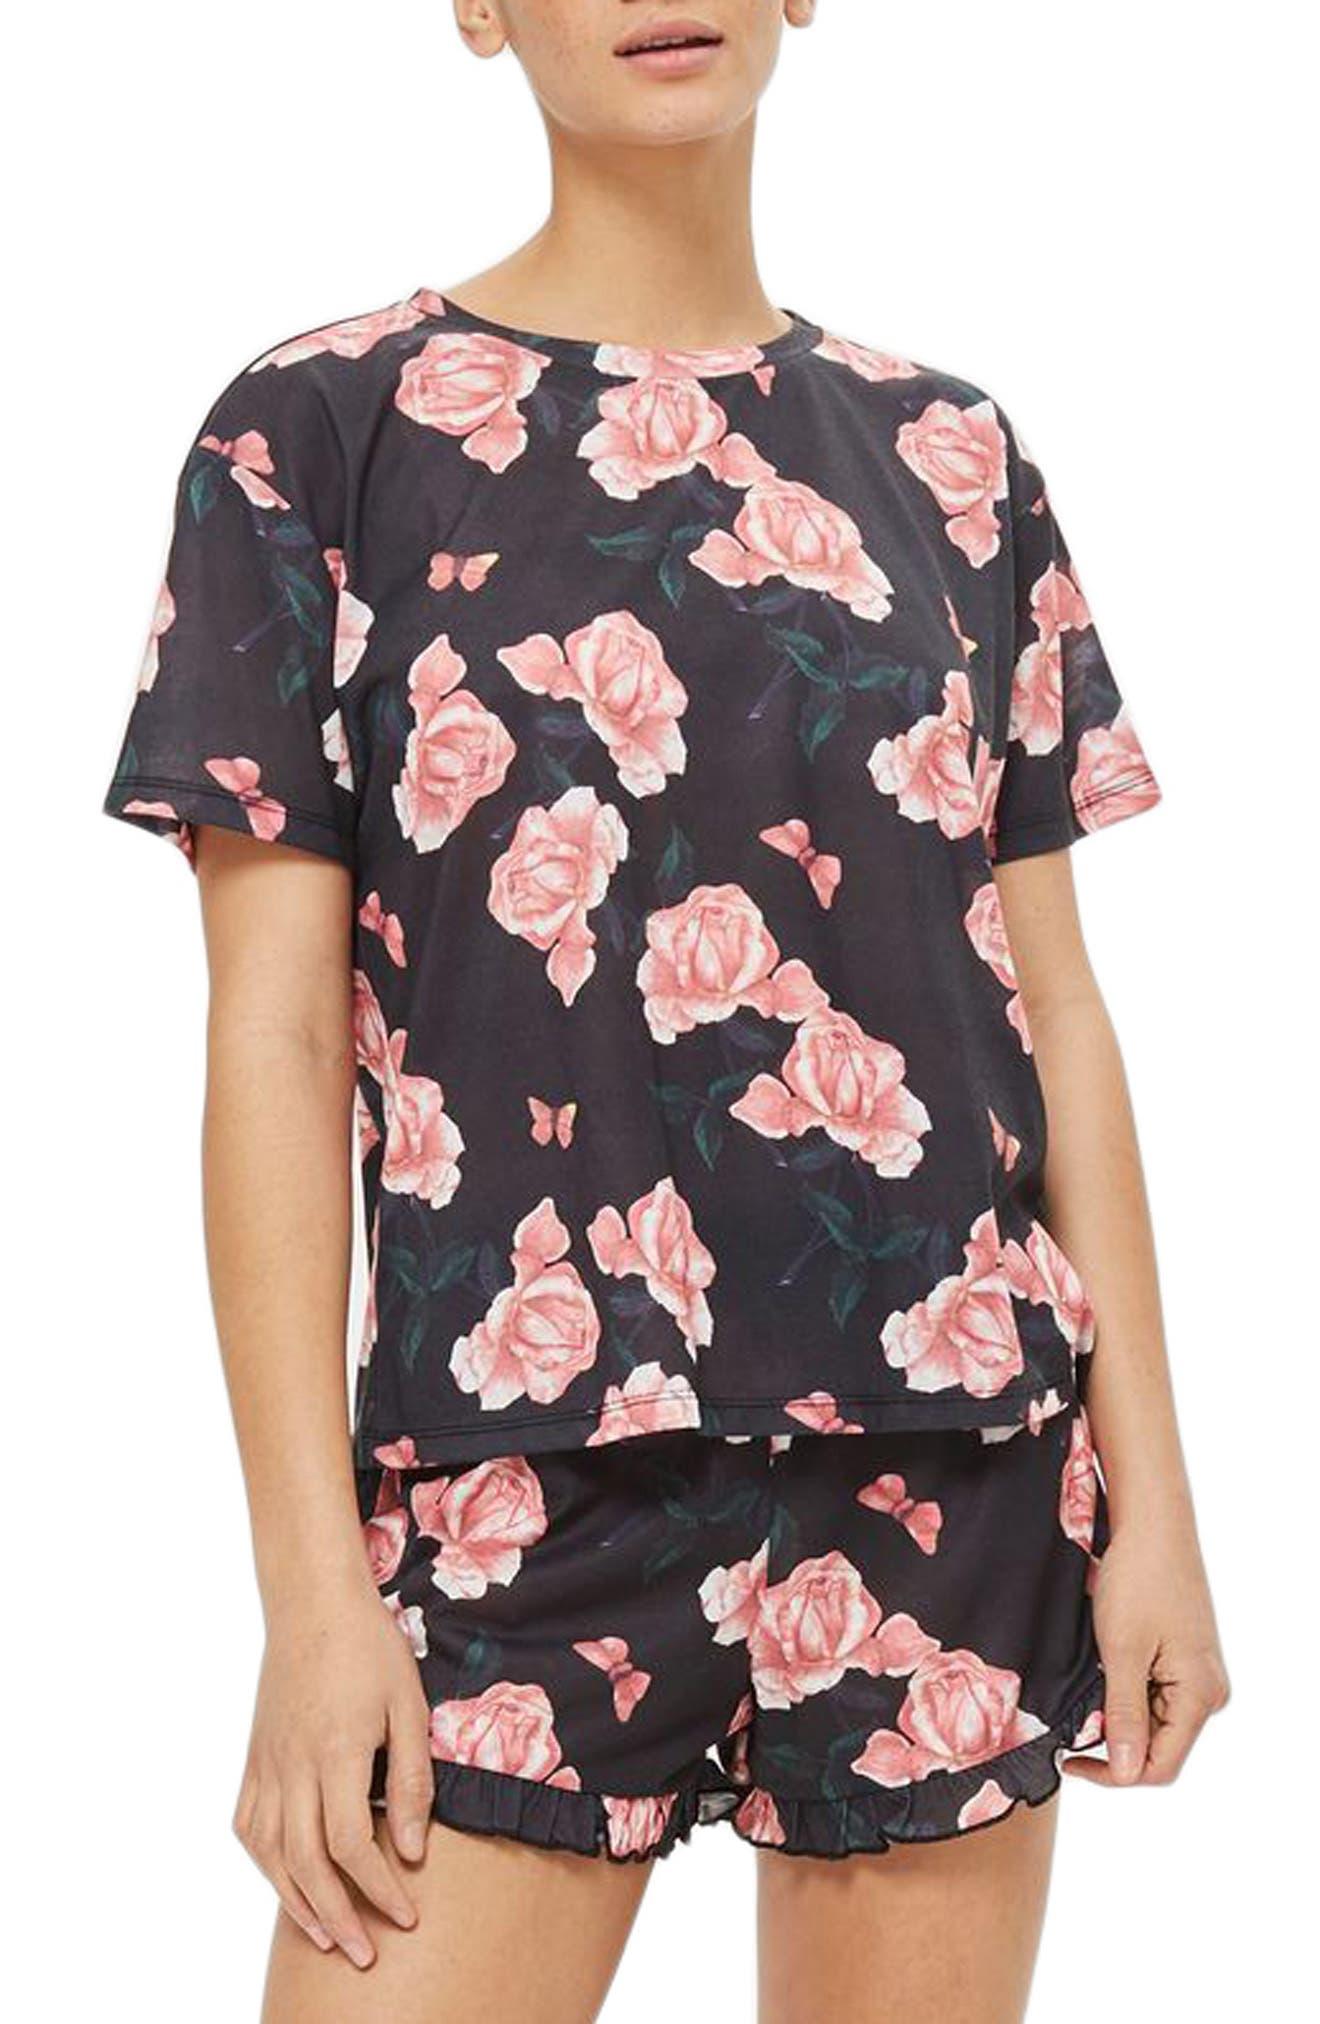 Rose Pajama Top,                         Main,                         color, 001